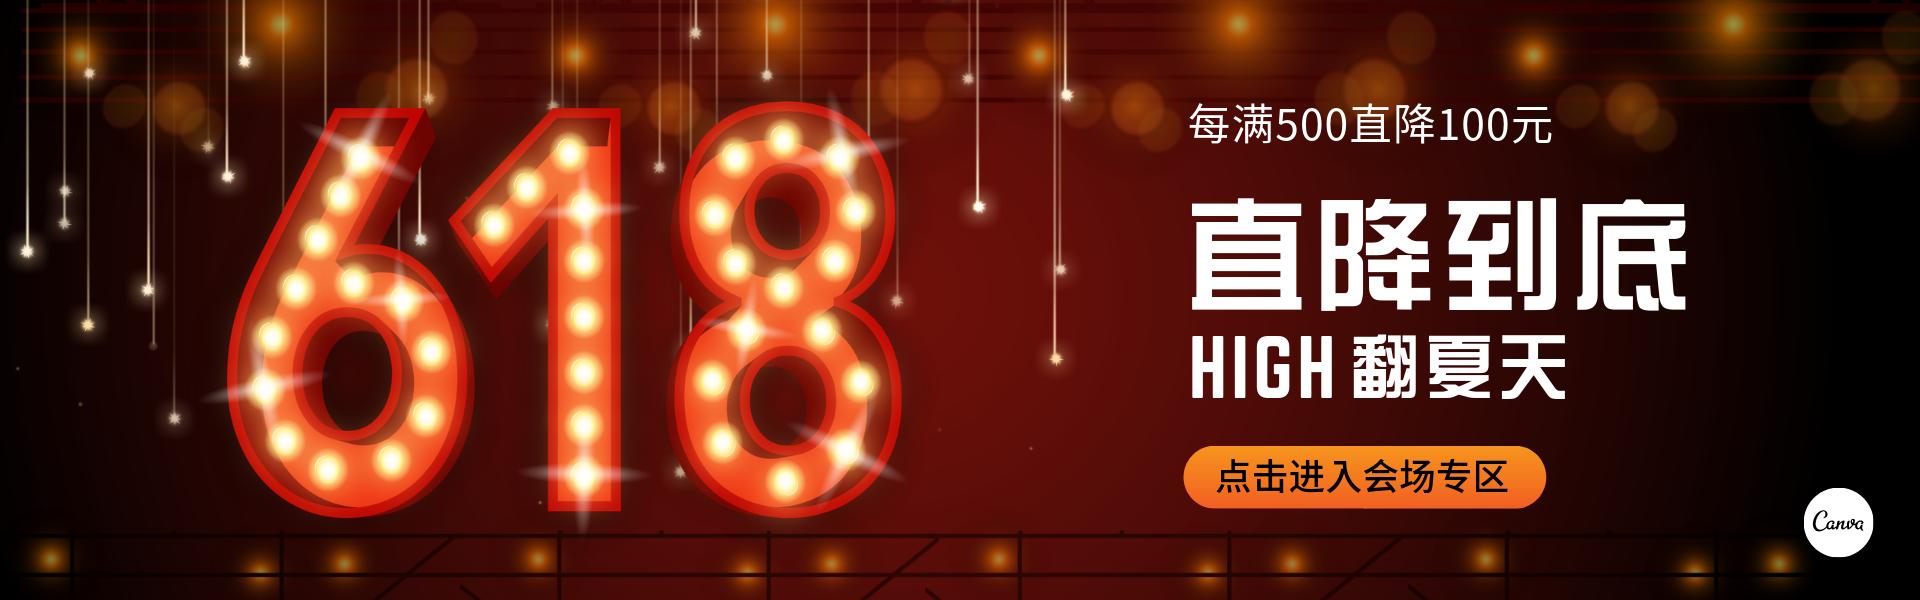 618购物节banner